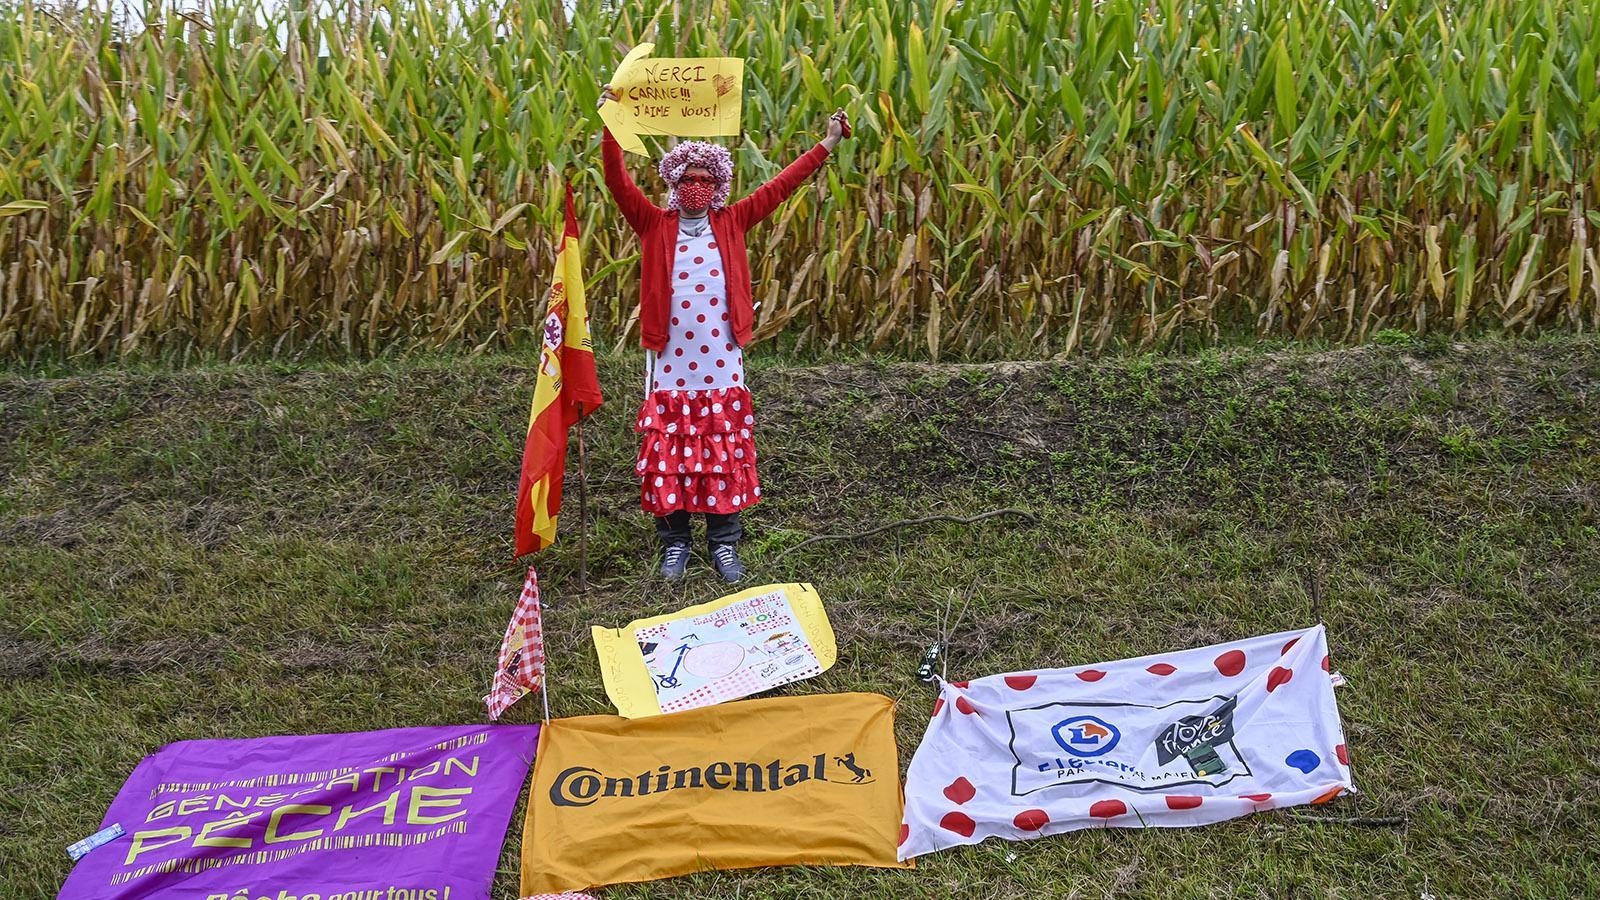 Verkleidet: Einige Fans überraschen bei der Toru de France mit ausgefallenen Kostümen. Foto: Hilke Maunder